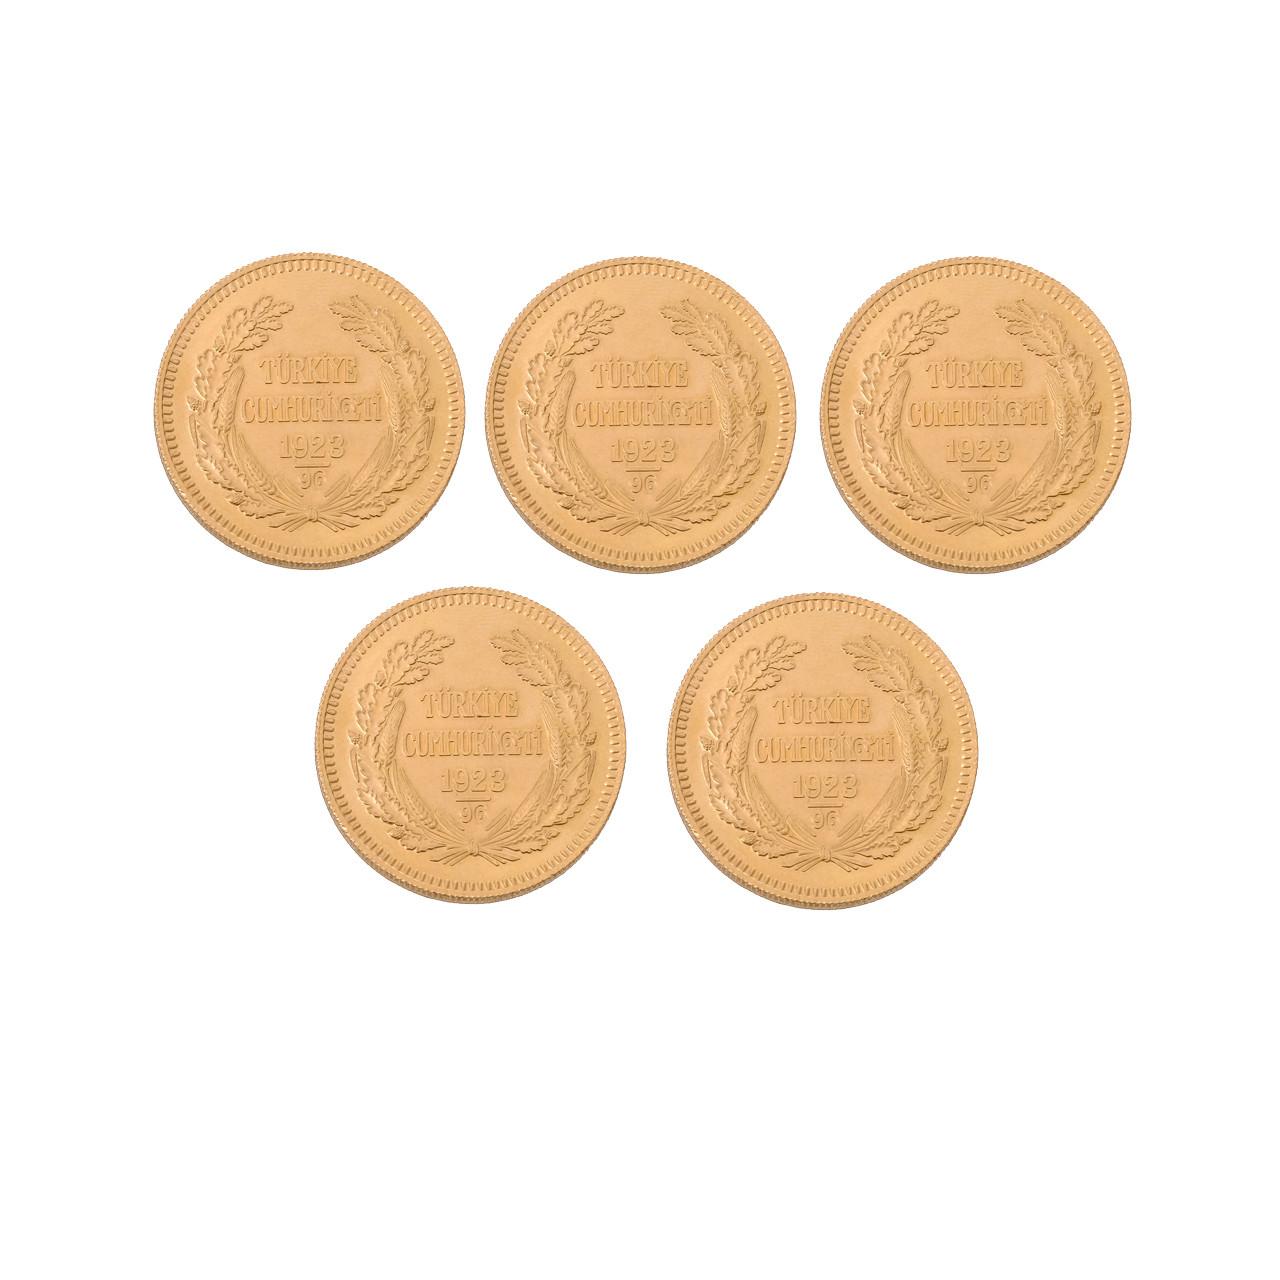 5 Adet Ata (Cumhuriyet) Altın Eski Tarihli